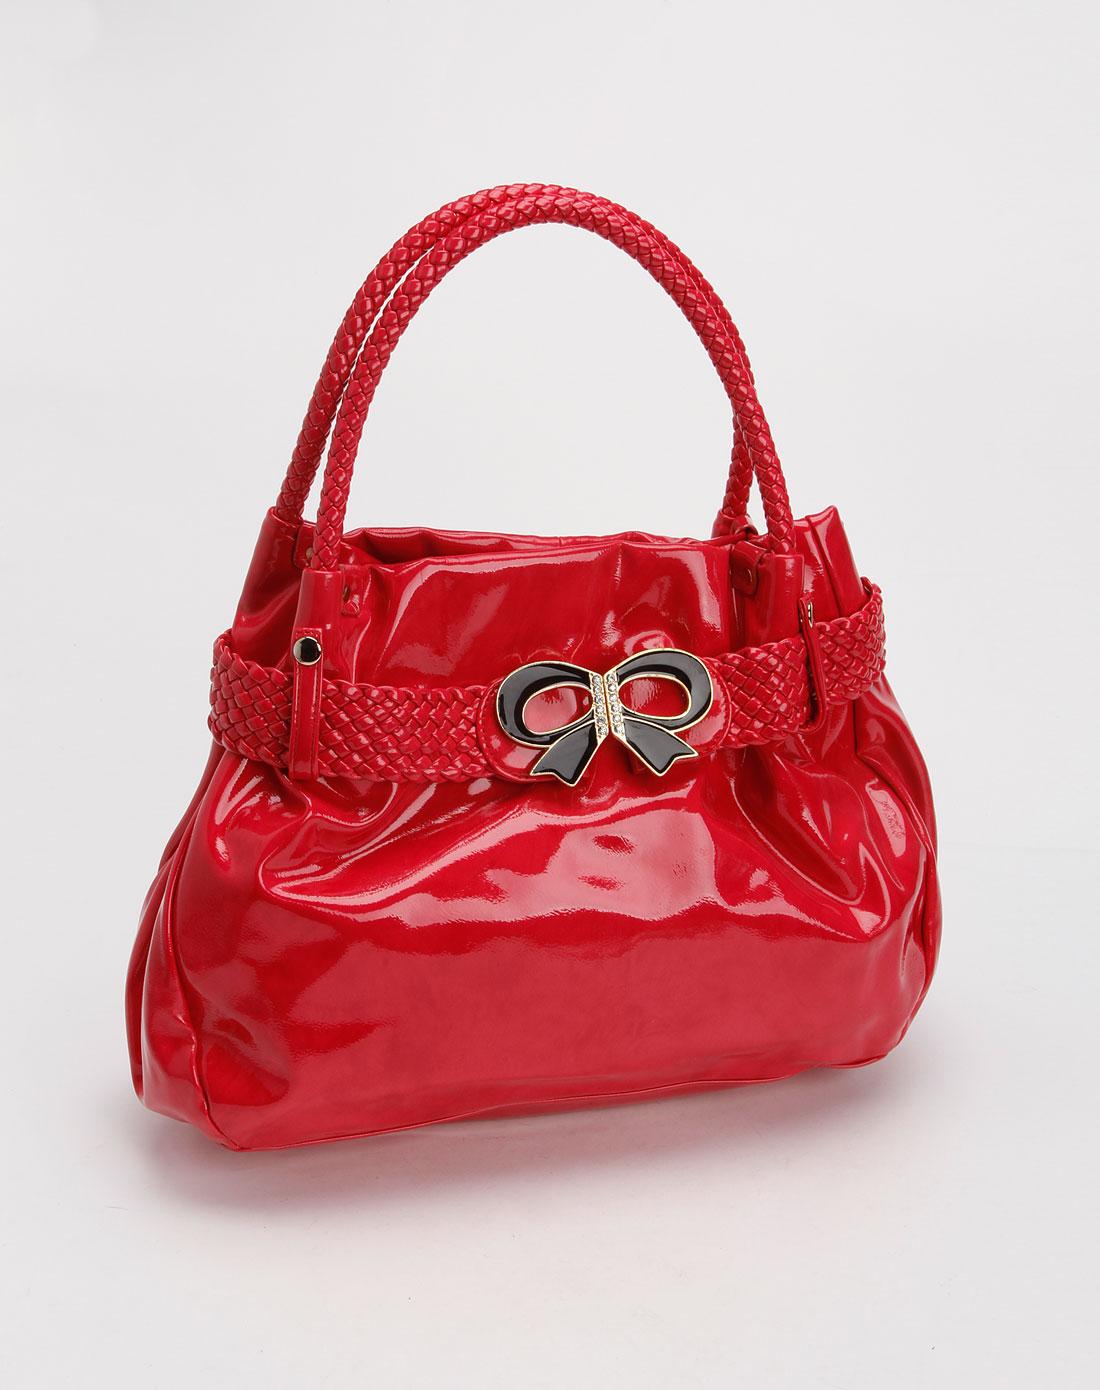 cne桃红色亮面pu手袋